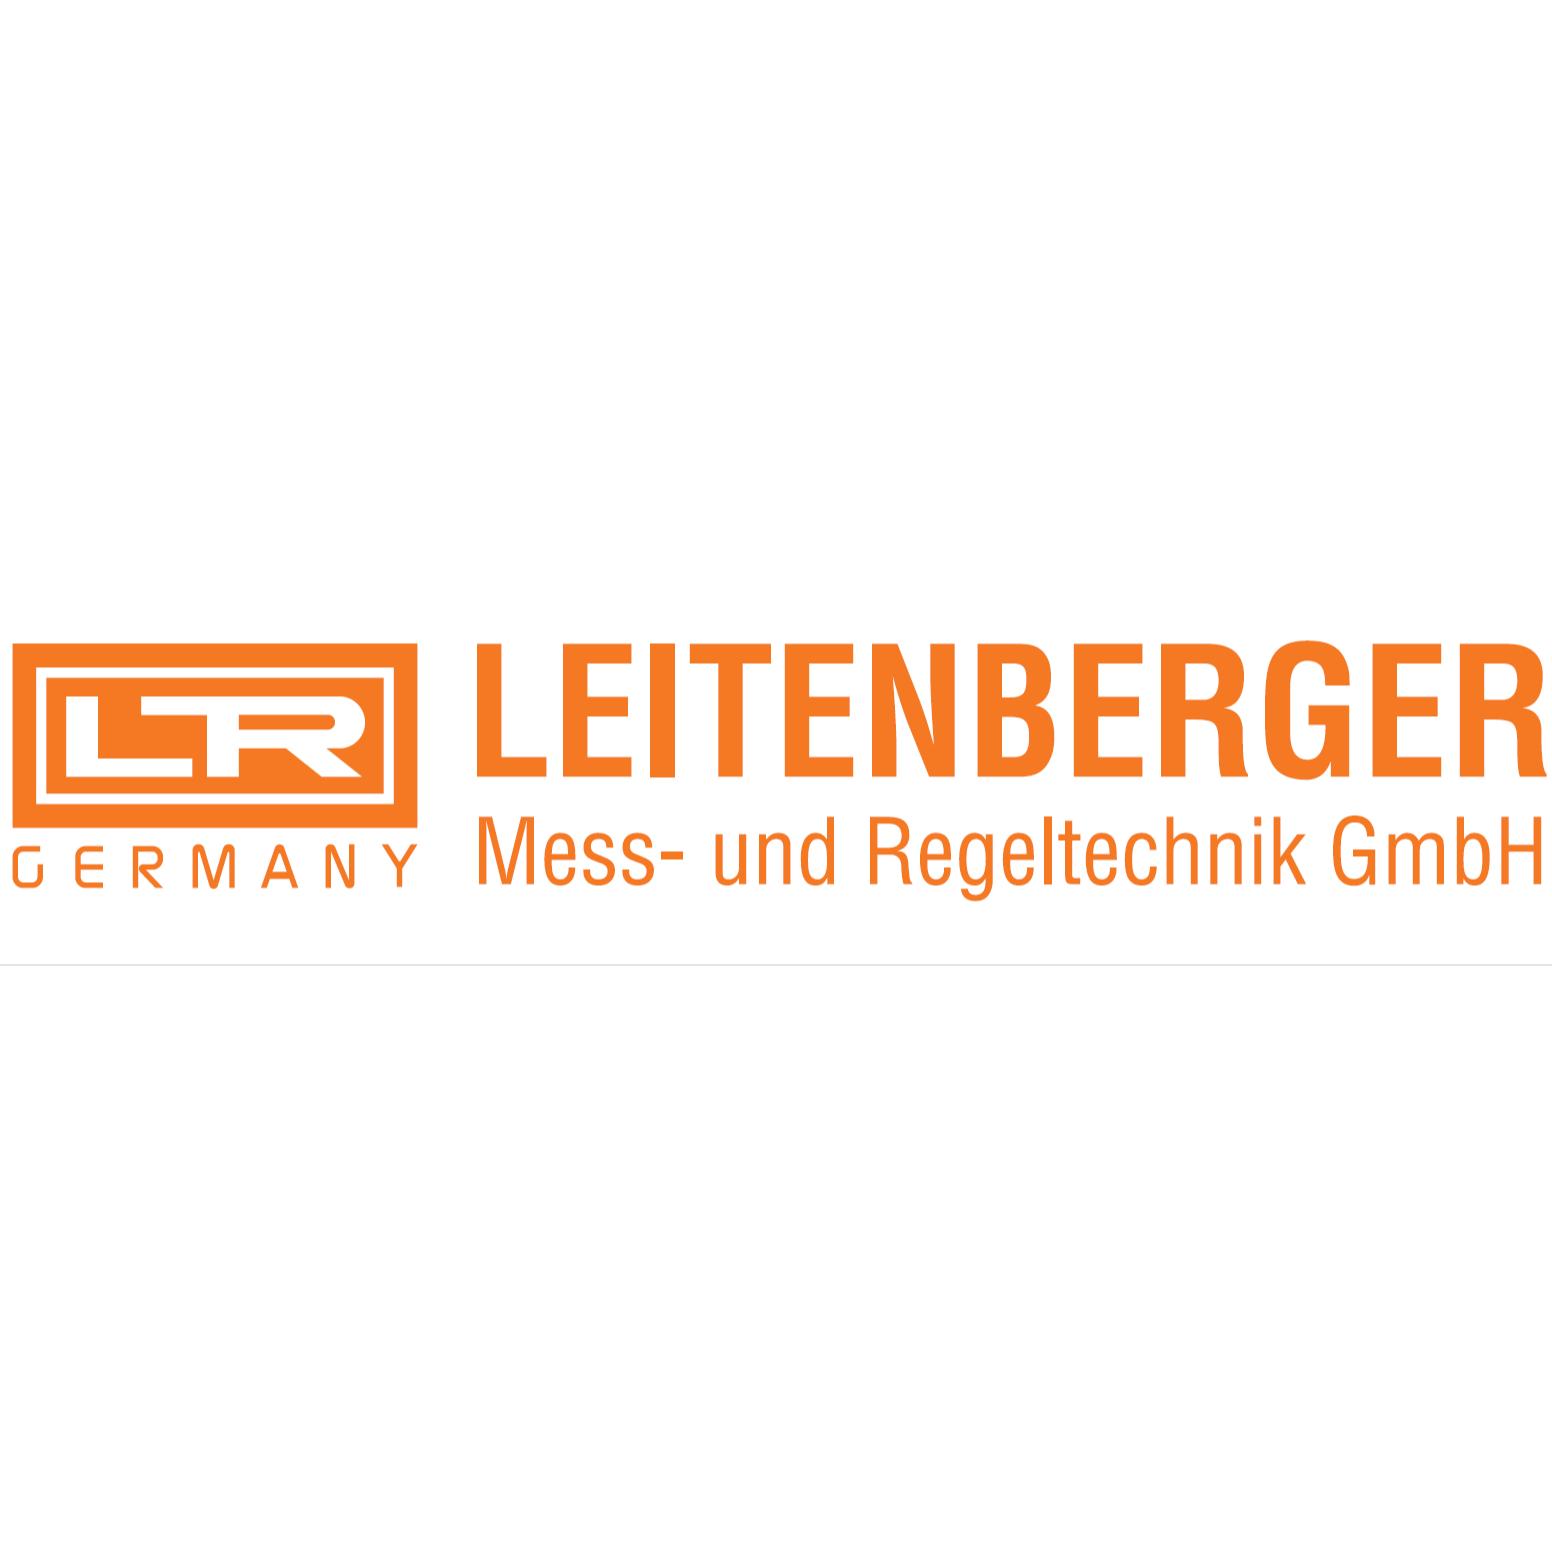 Bild zu Leitenberger GmbH Mess- u. Regeltechnik in Kirchentellinsfurt